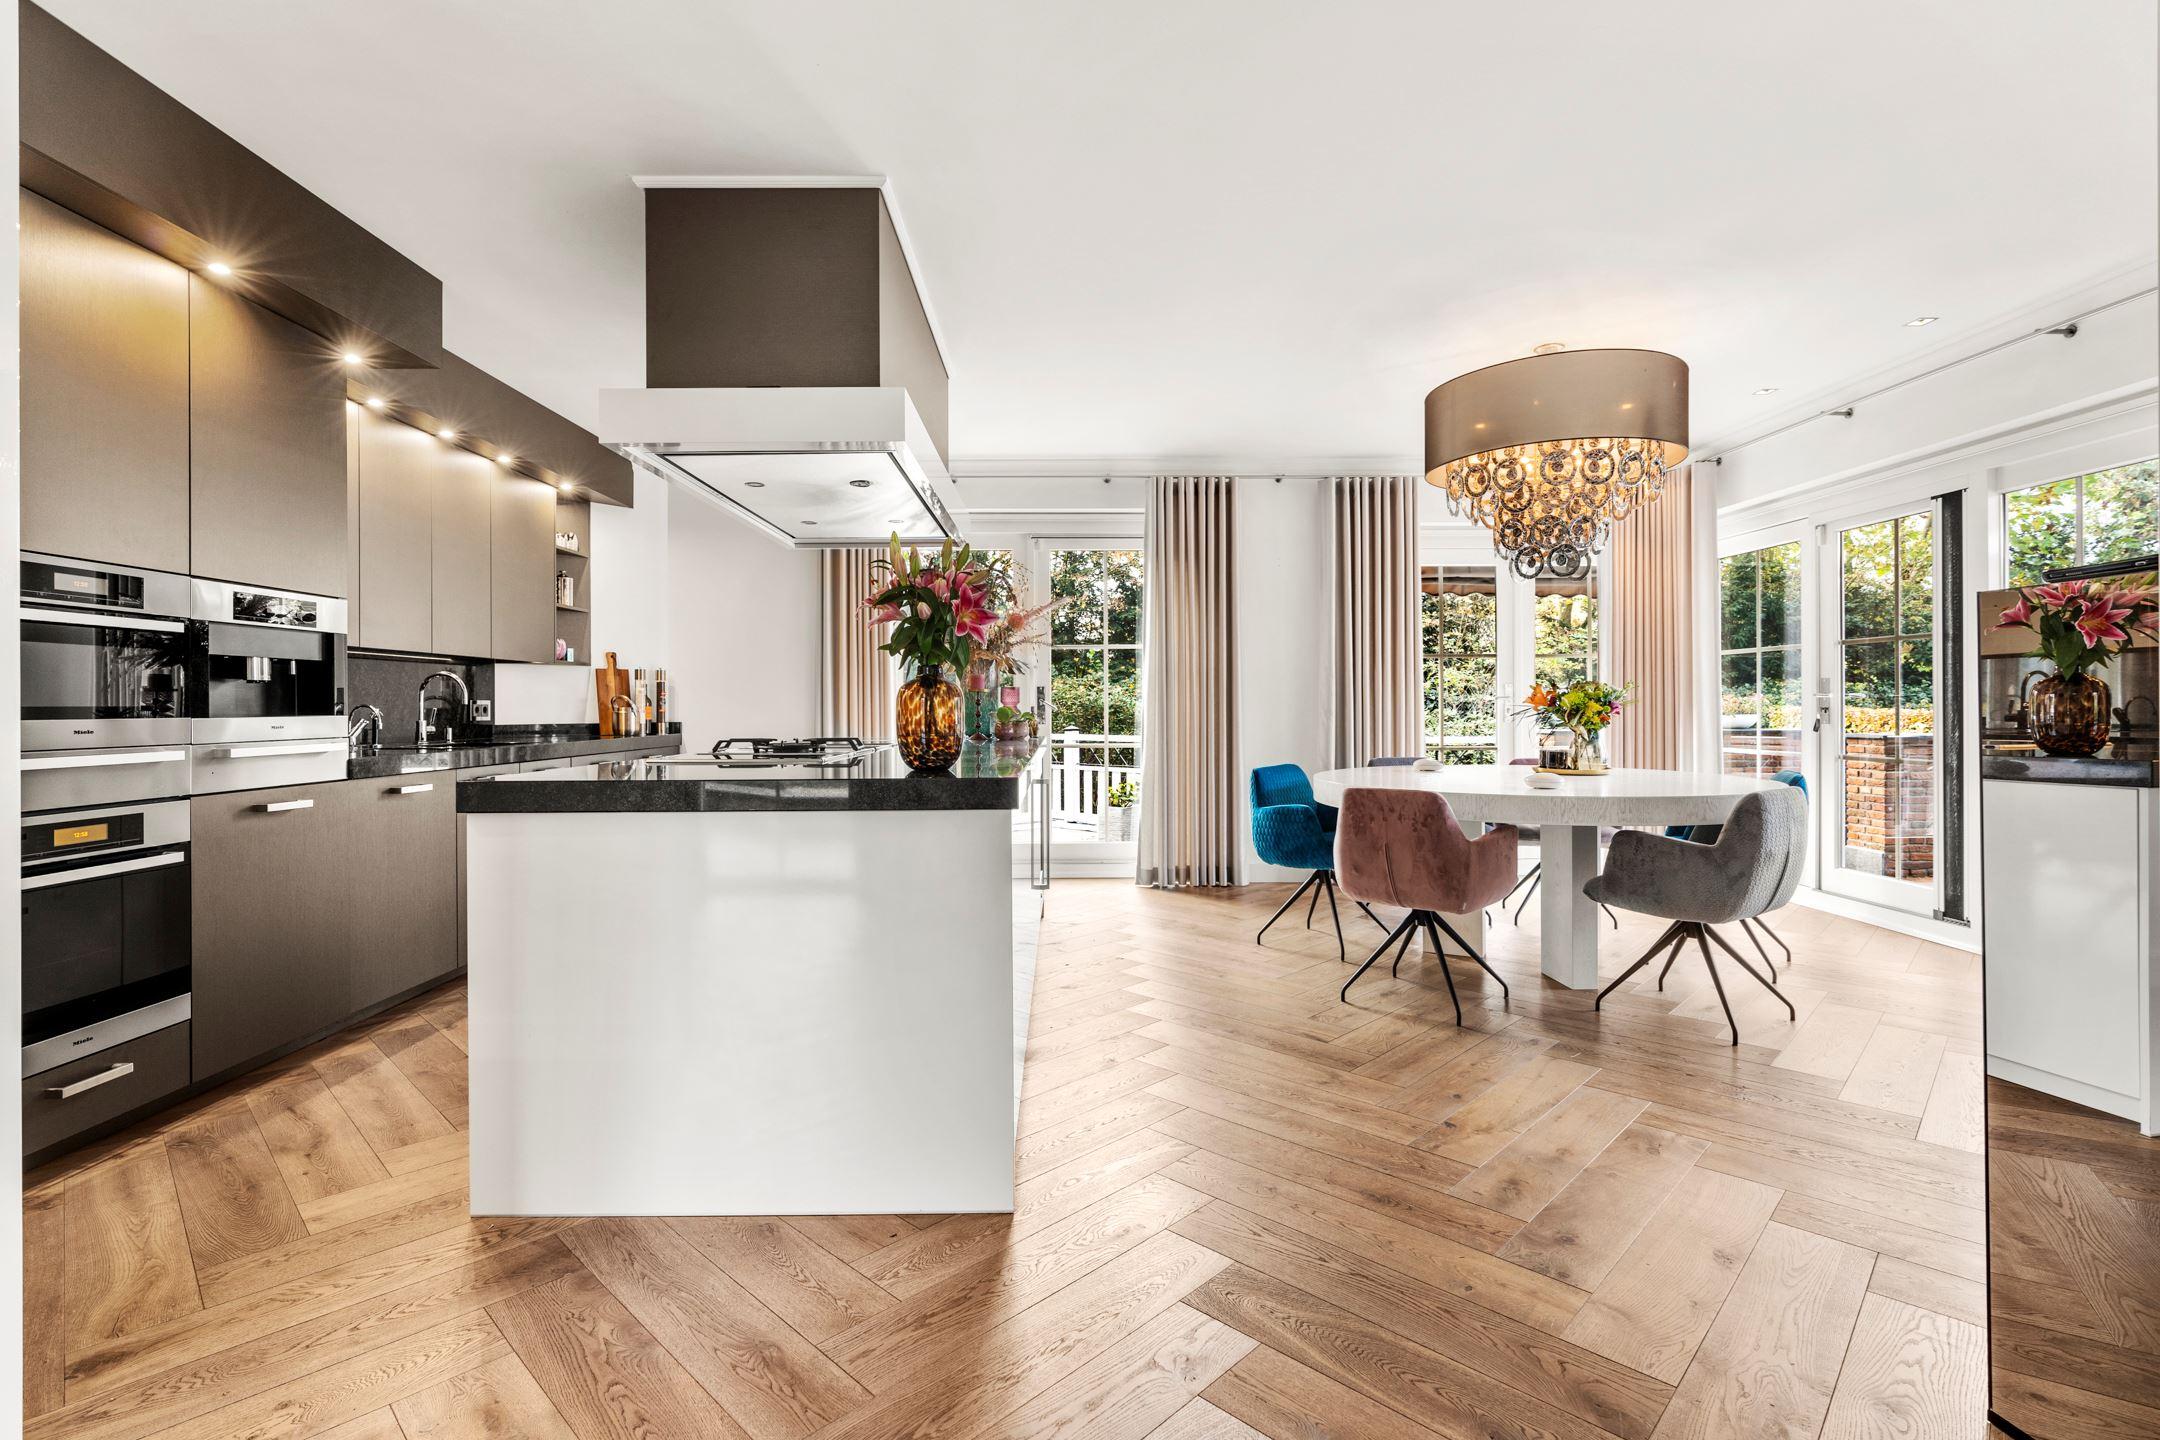 miljoenenvilla keuken en woonkamer